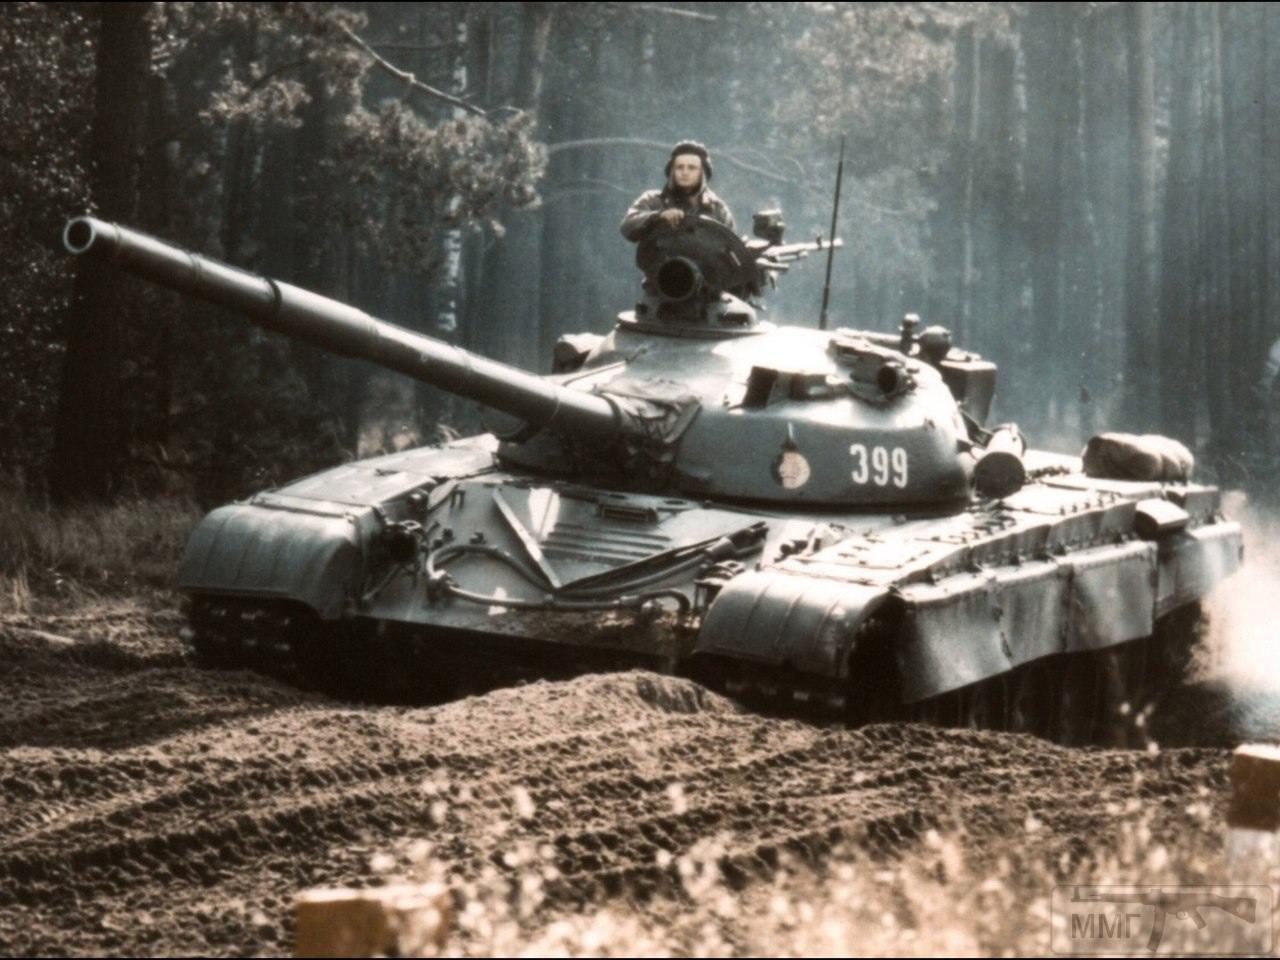 93254 - Короткий ролик - тема о ГДР